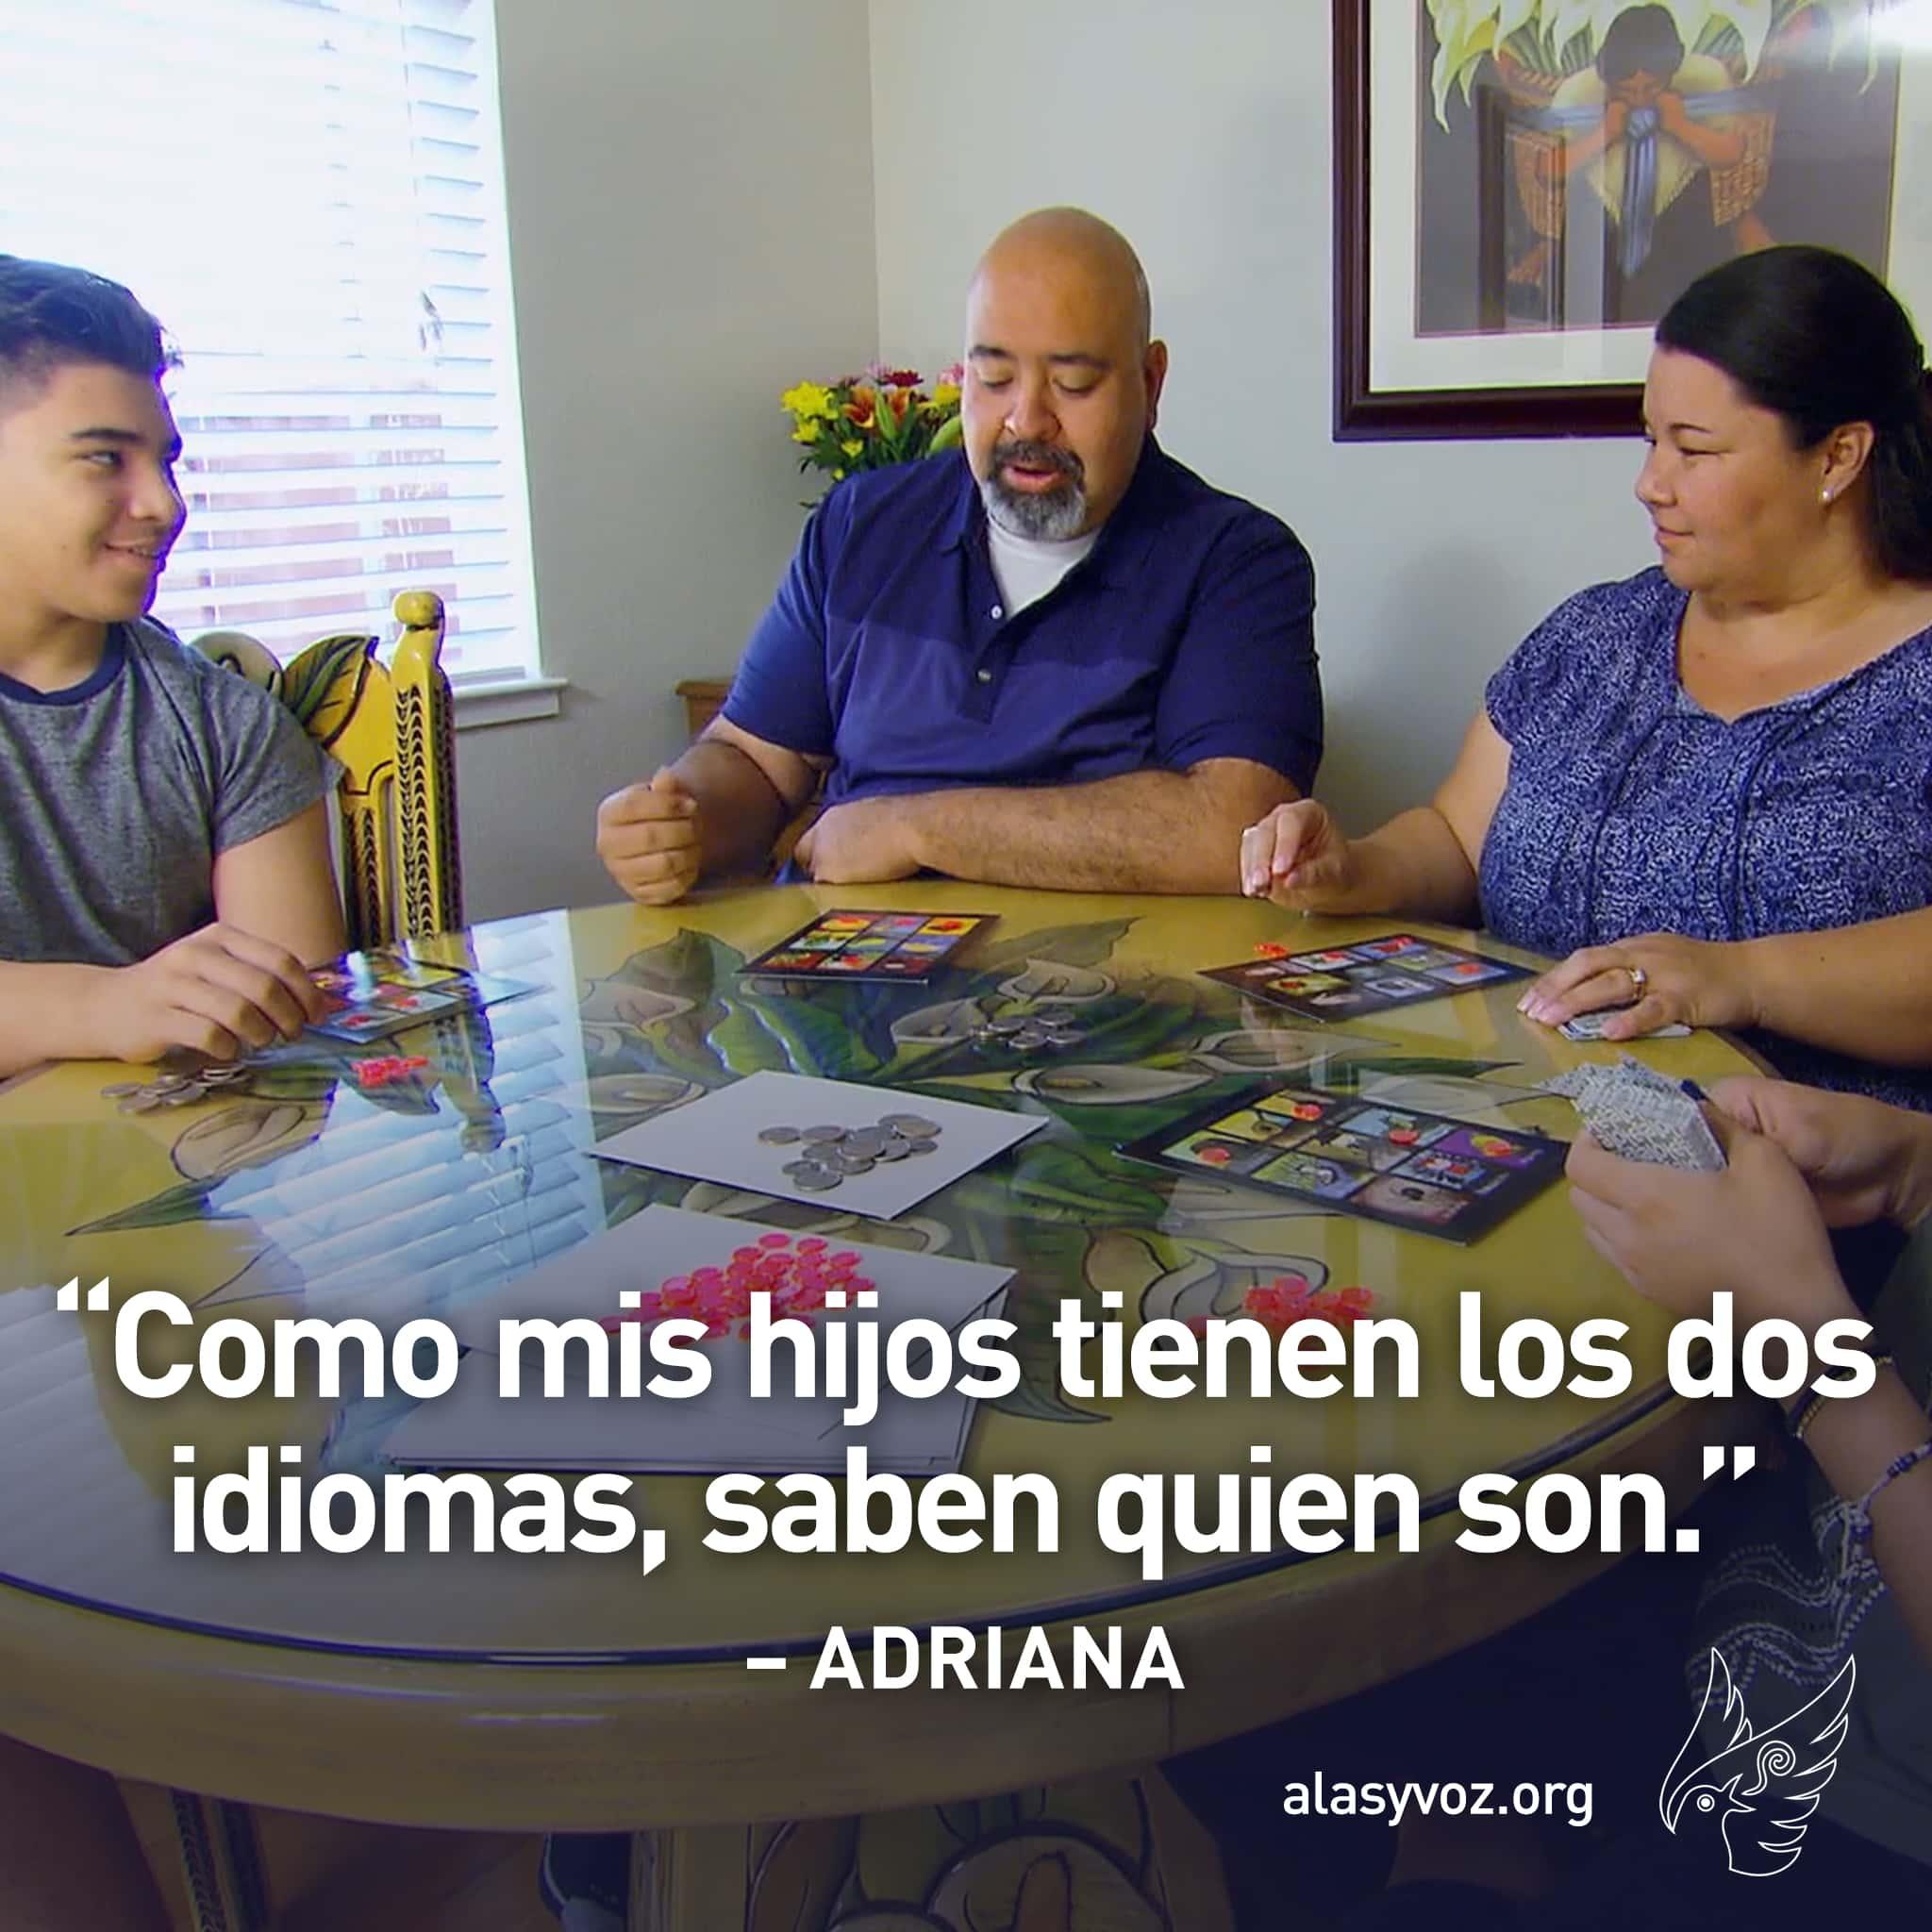 adrianafamilia